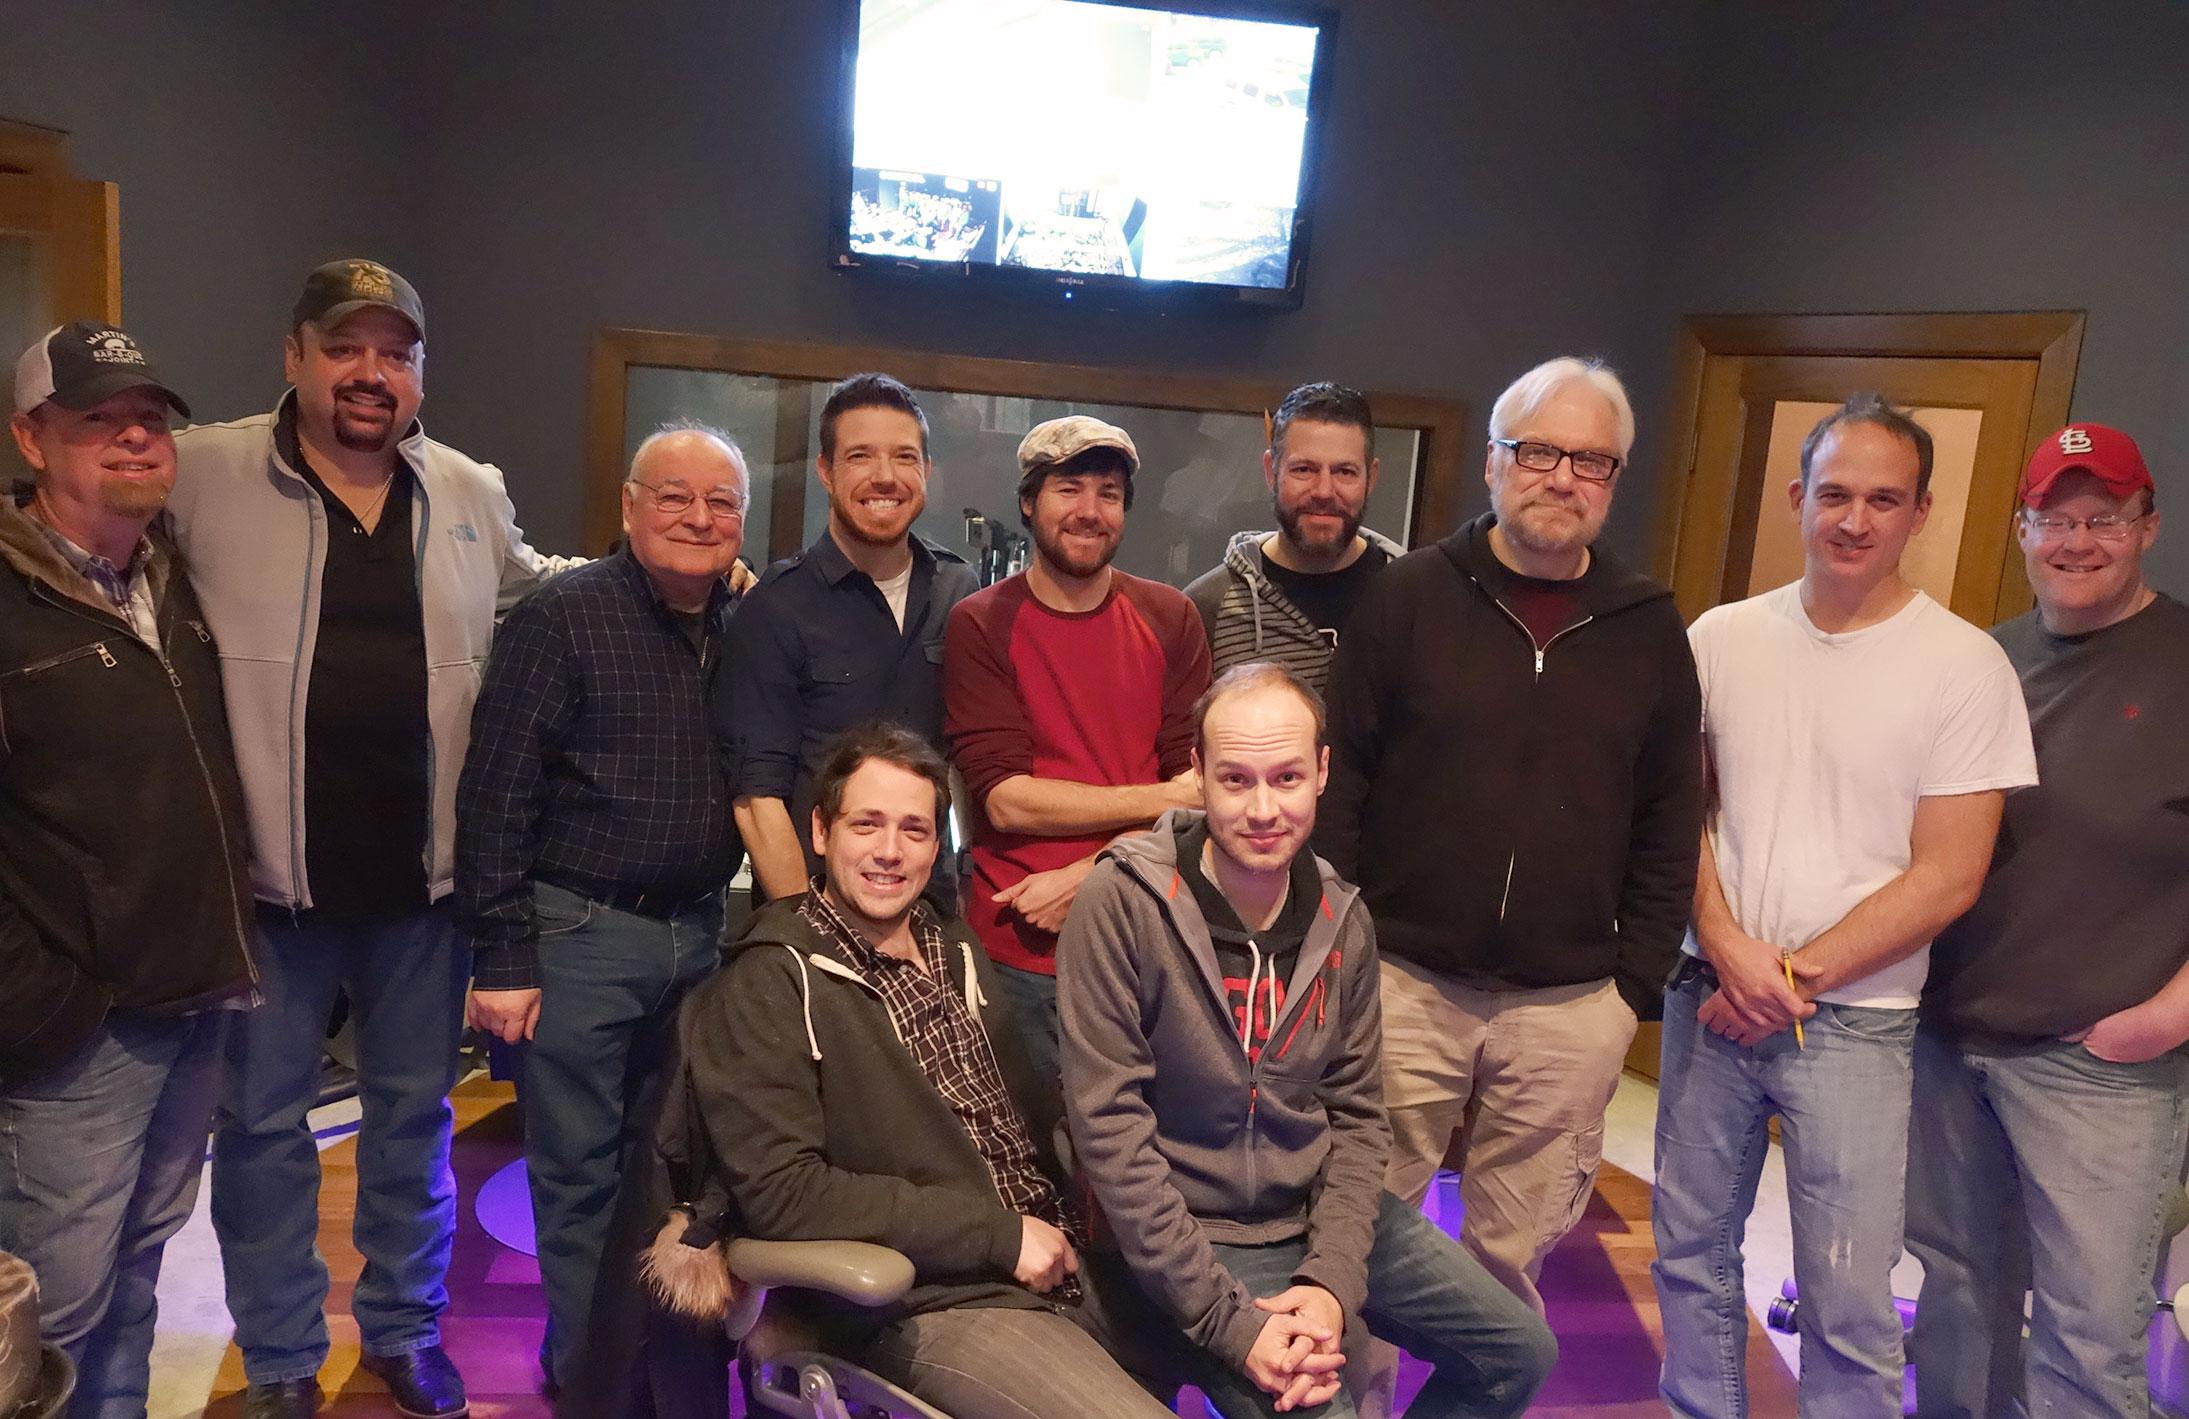 Joe Schmidt Master Recording Project